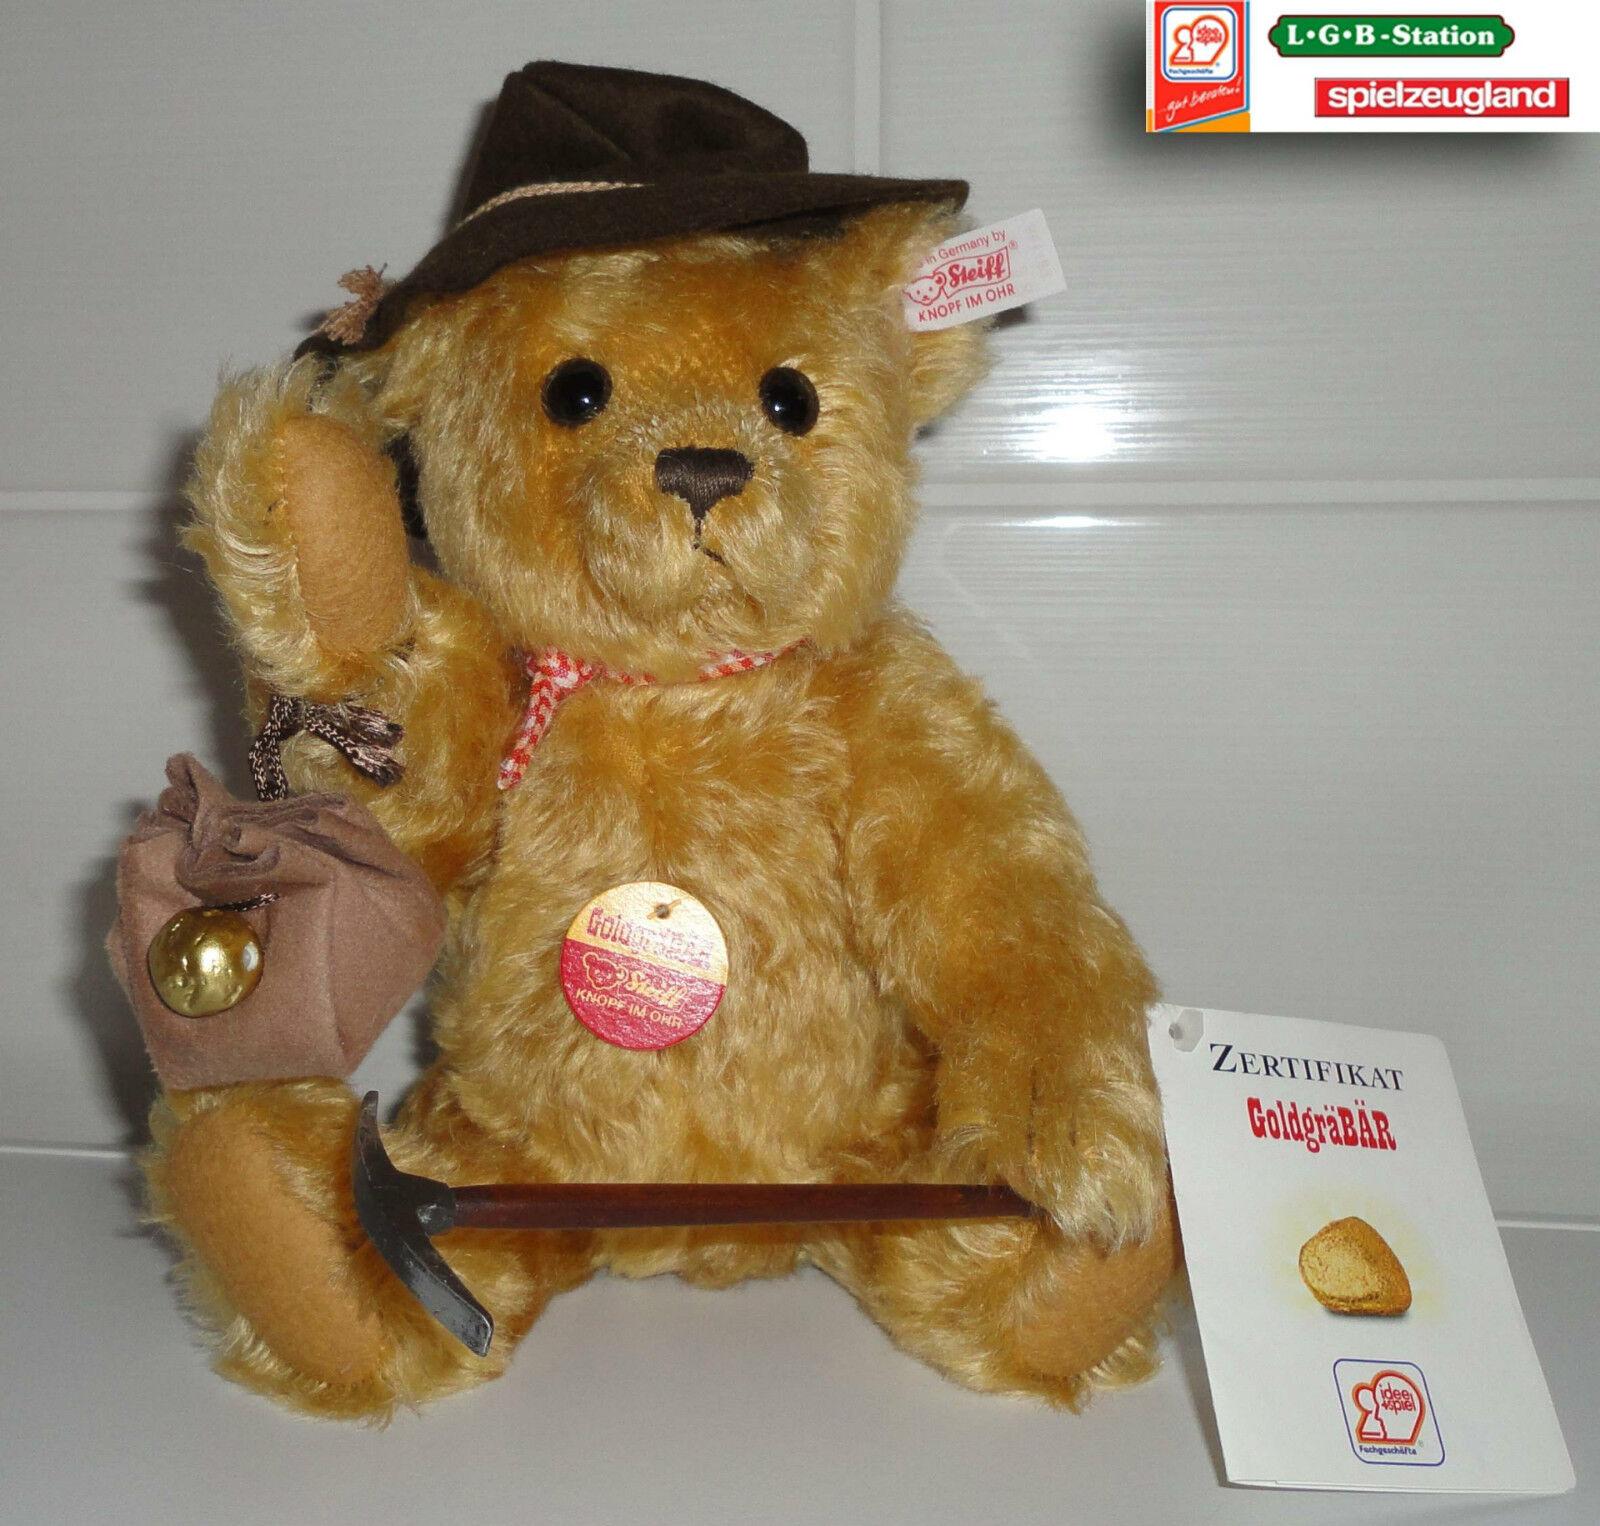 Steiff Sammler Teddy Teddy Teddy  GoldgräBÄR  EAN 651182 Sammlernummer 00146   Neu 6aeab3